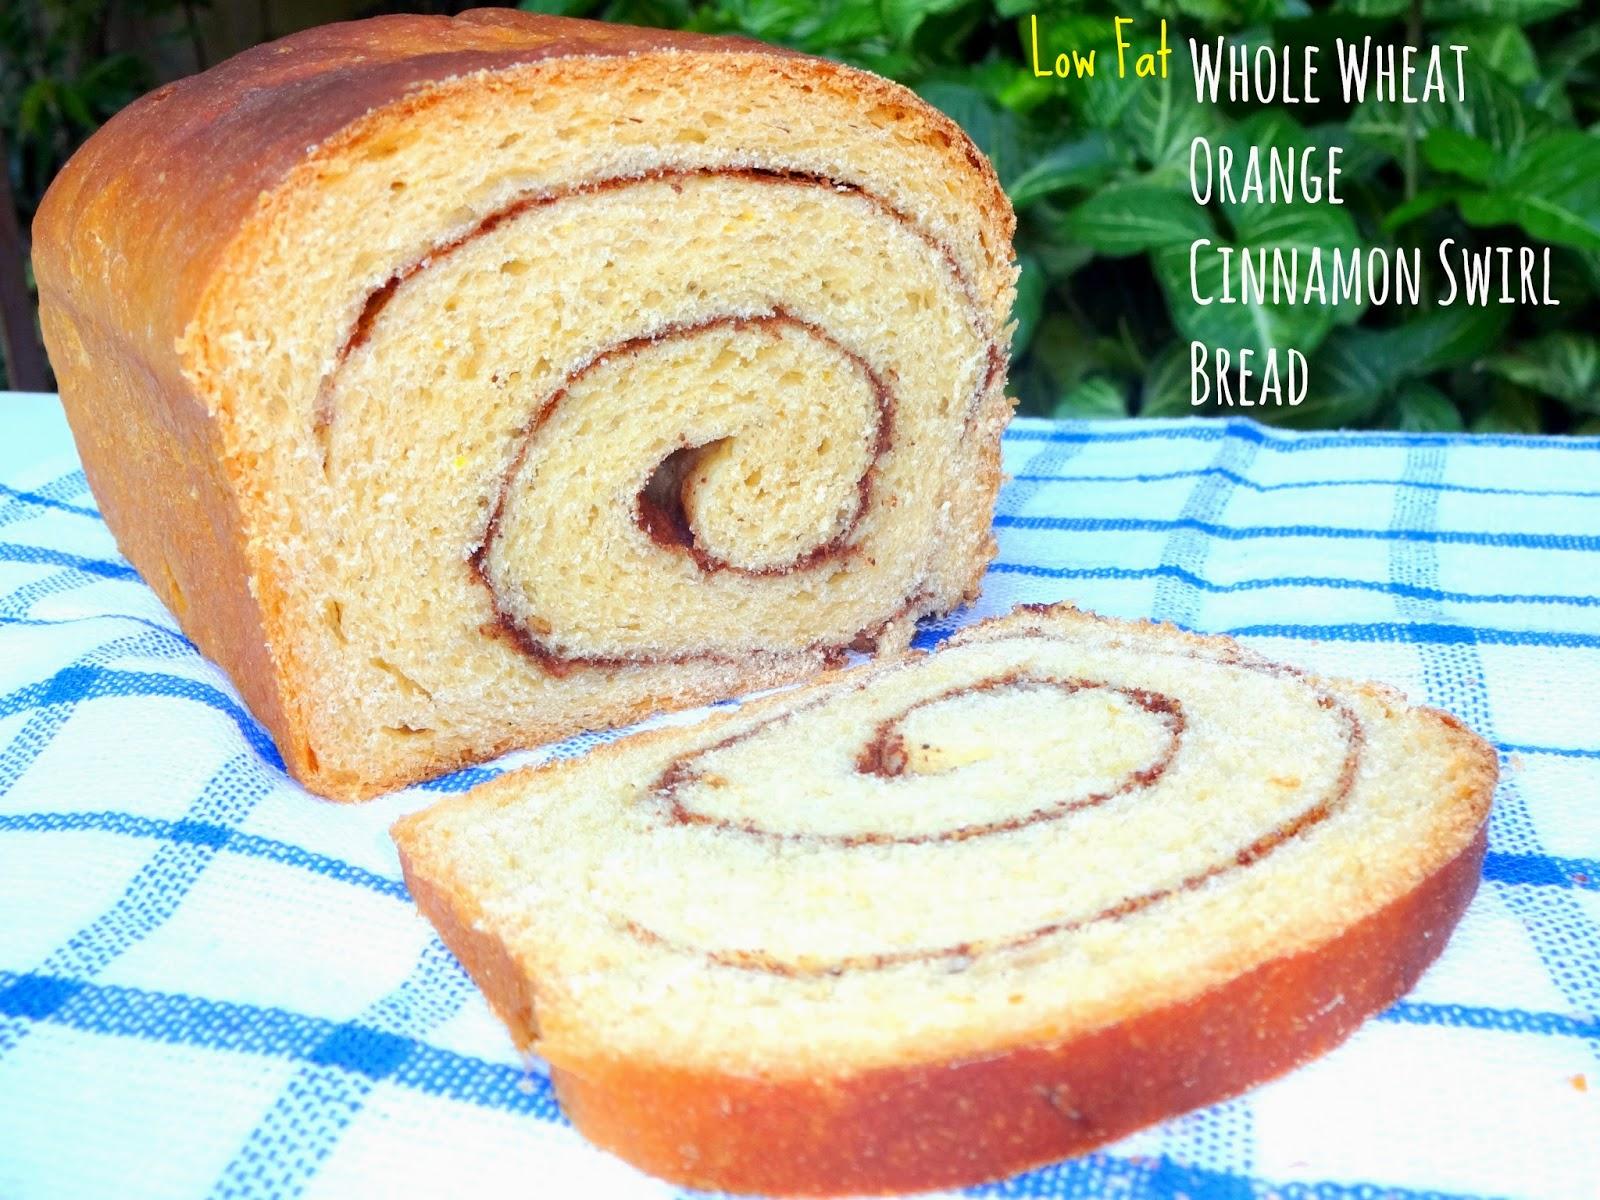 AMBROSIA: Low Fat Whole Wheat Orange Cinnamon Swirl Bread